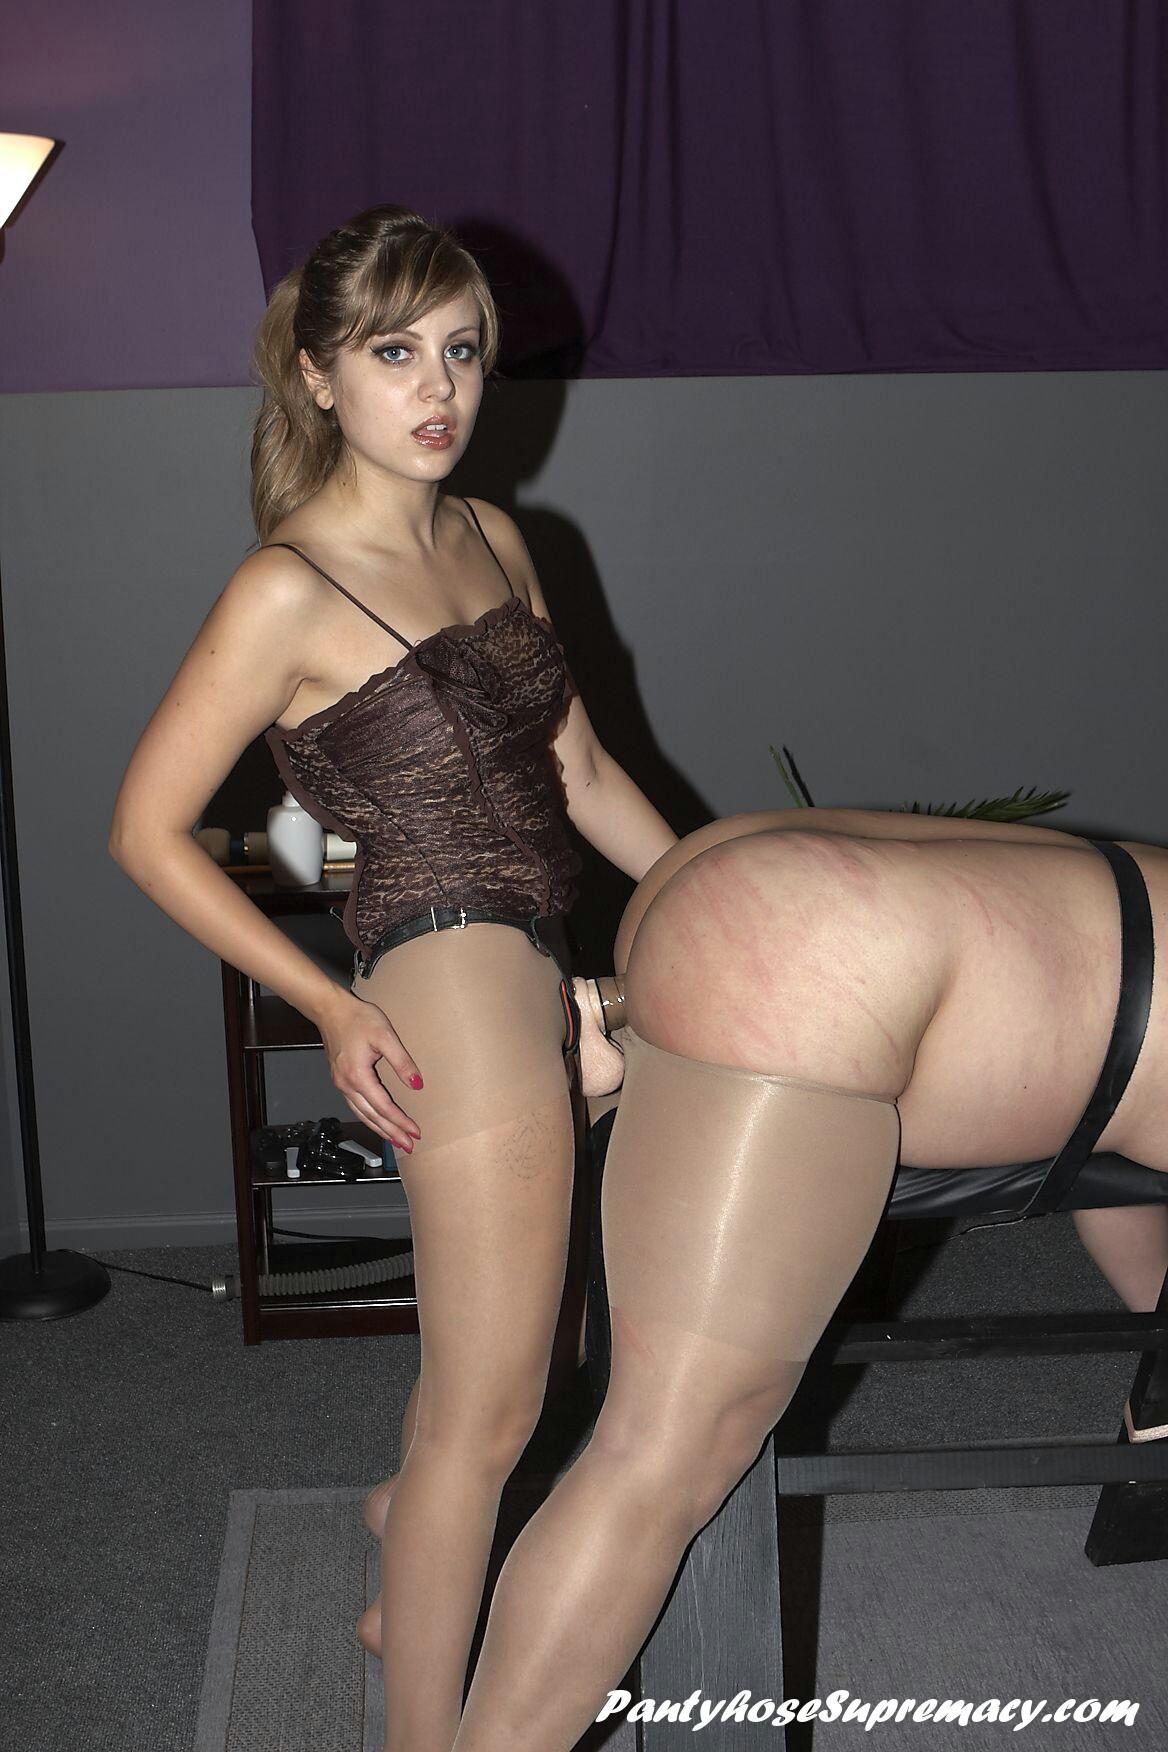 Jail sex nude photos